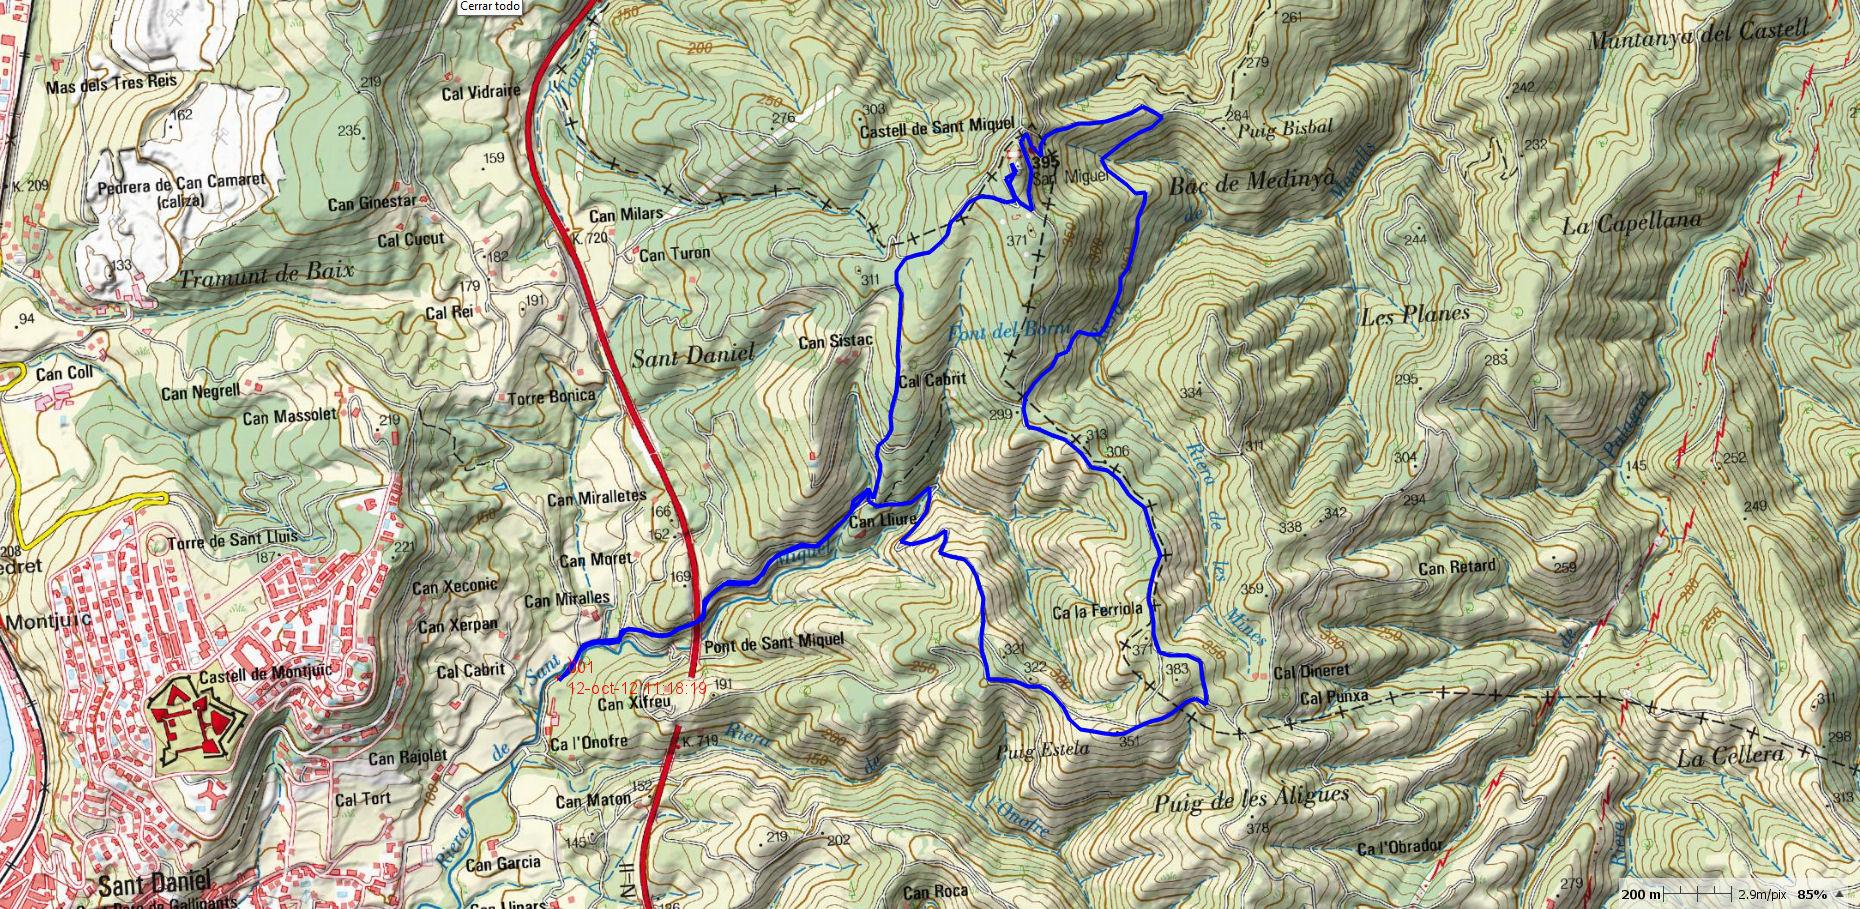 sant-daniel-castell-sant-miquel-map